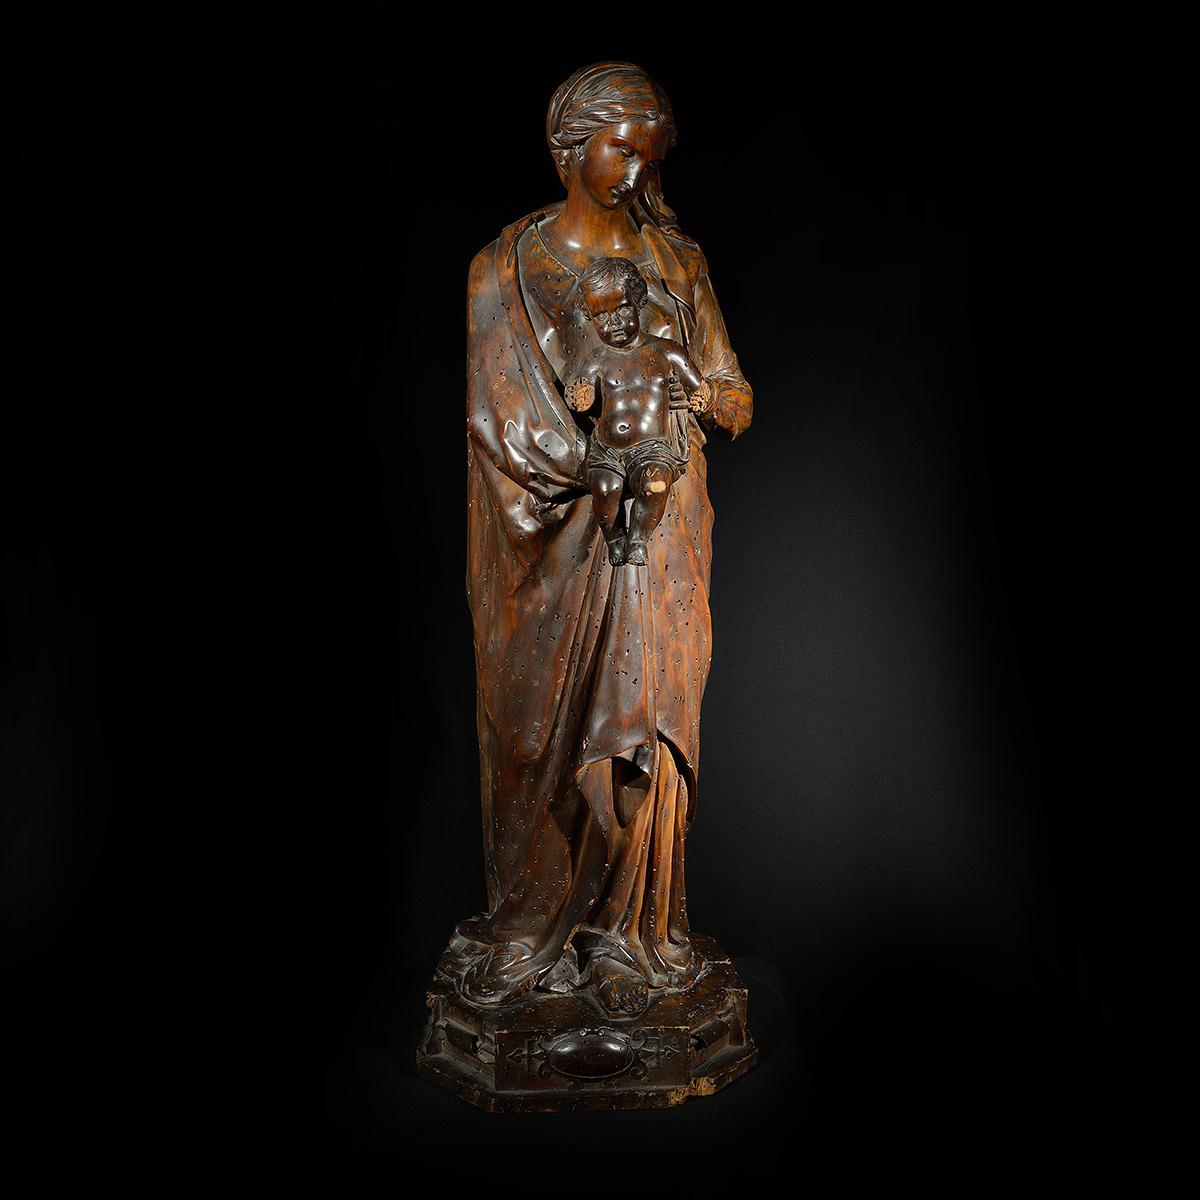 madonna lignea scultura fine 1600 Bernardi